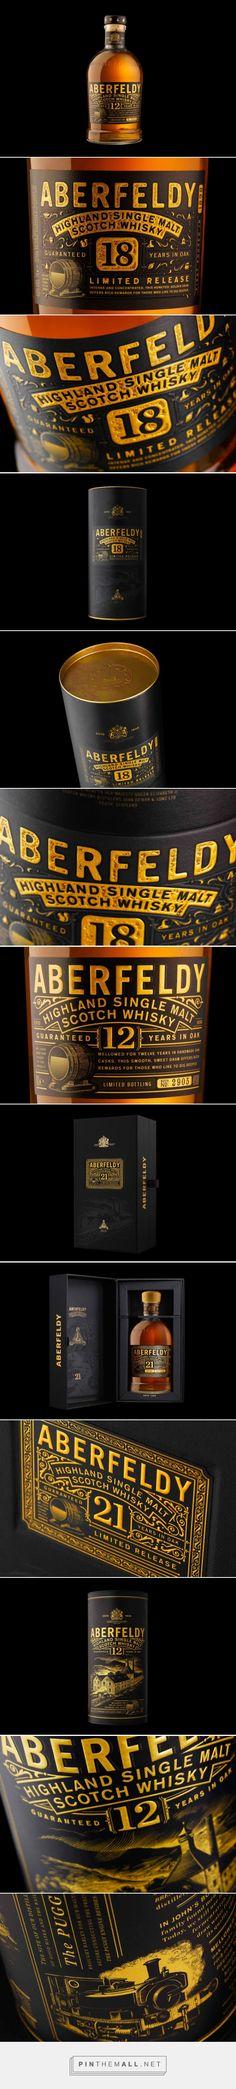 ABERFELDY #packaging by Stranger & Stranger - http://www.packagingoftheworld.com/2015/01/aberfeldy.html